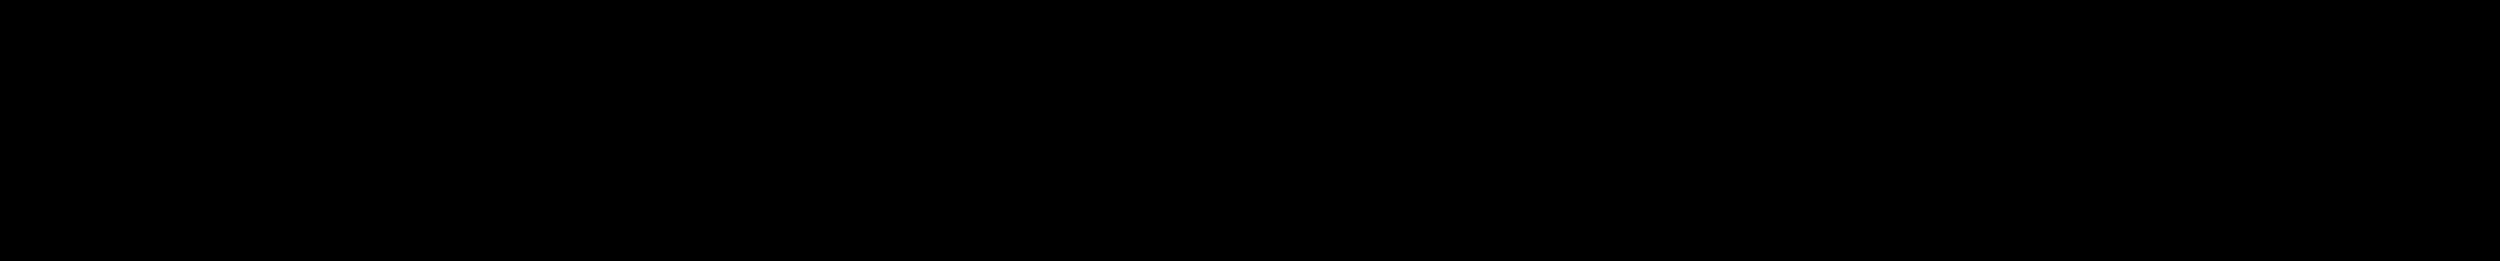 OSA-01.png